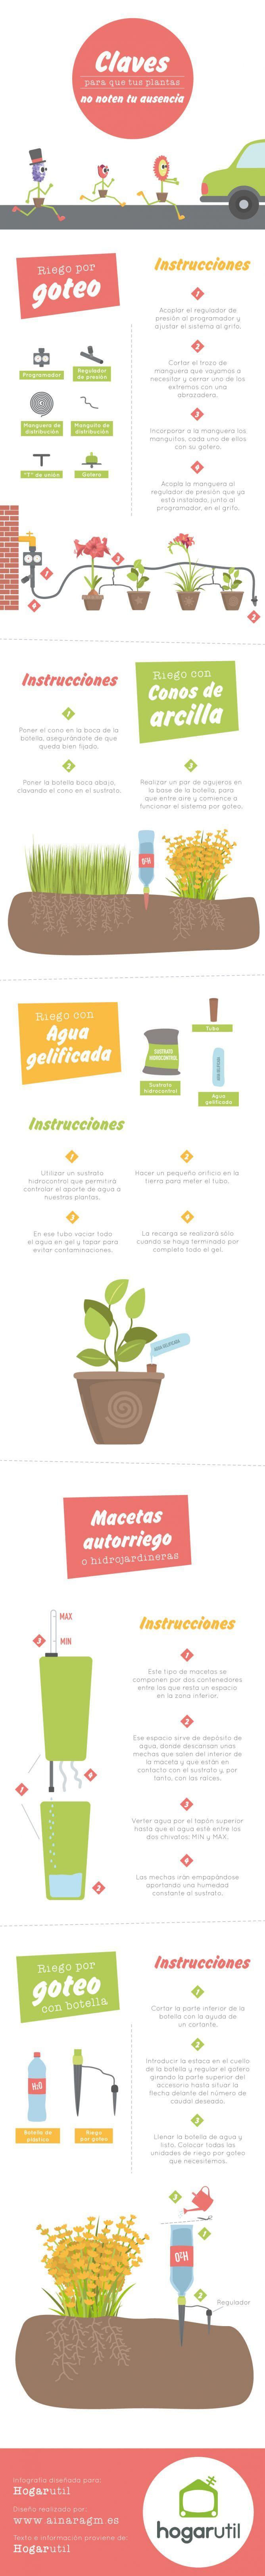 Infografía sobre cómo regar tus plantas en vacaciones #infografia #jardineria #plantas